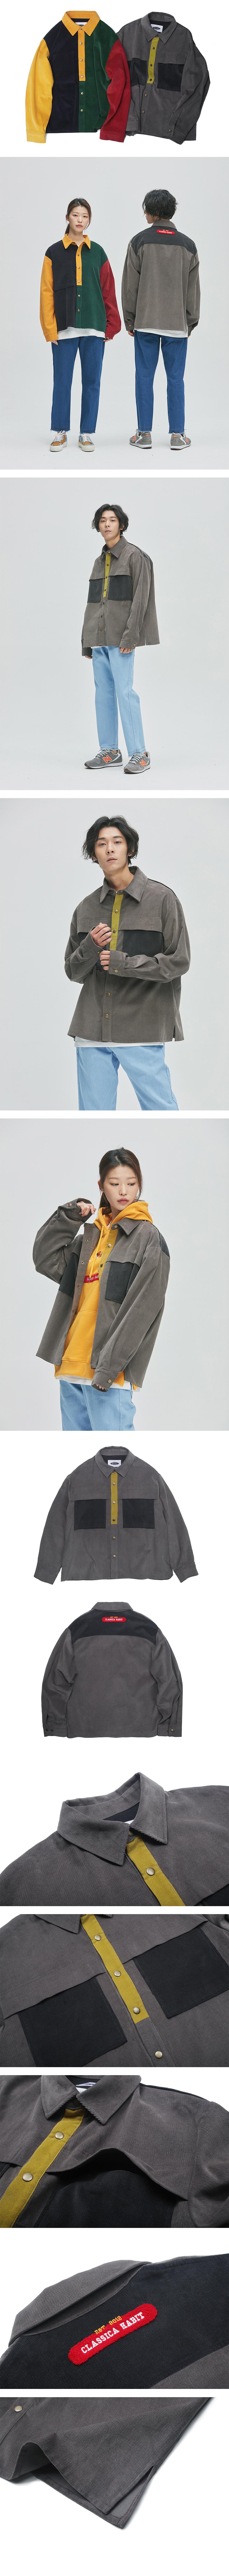 콰이어티스트(QUIETIST) 16골 코듀로이 워크 셔츠 자켓 (gray)